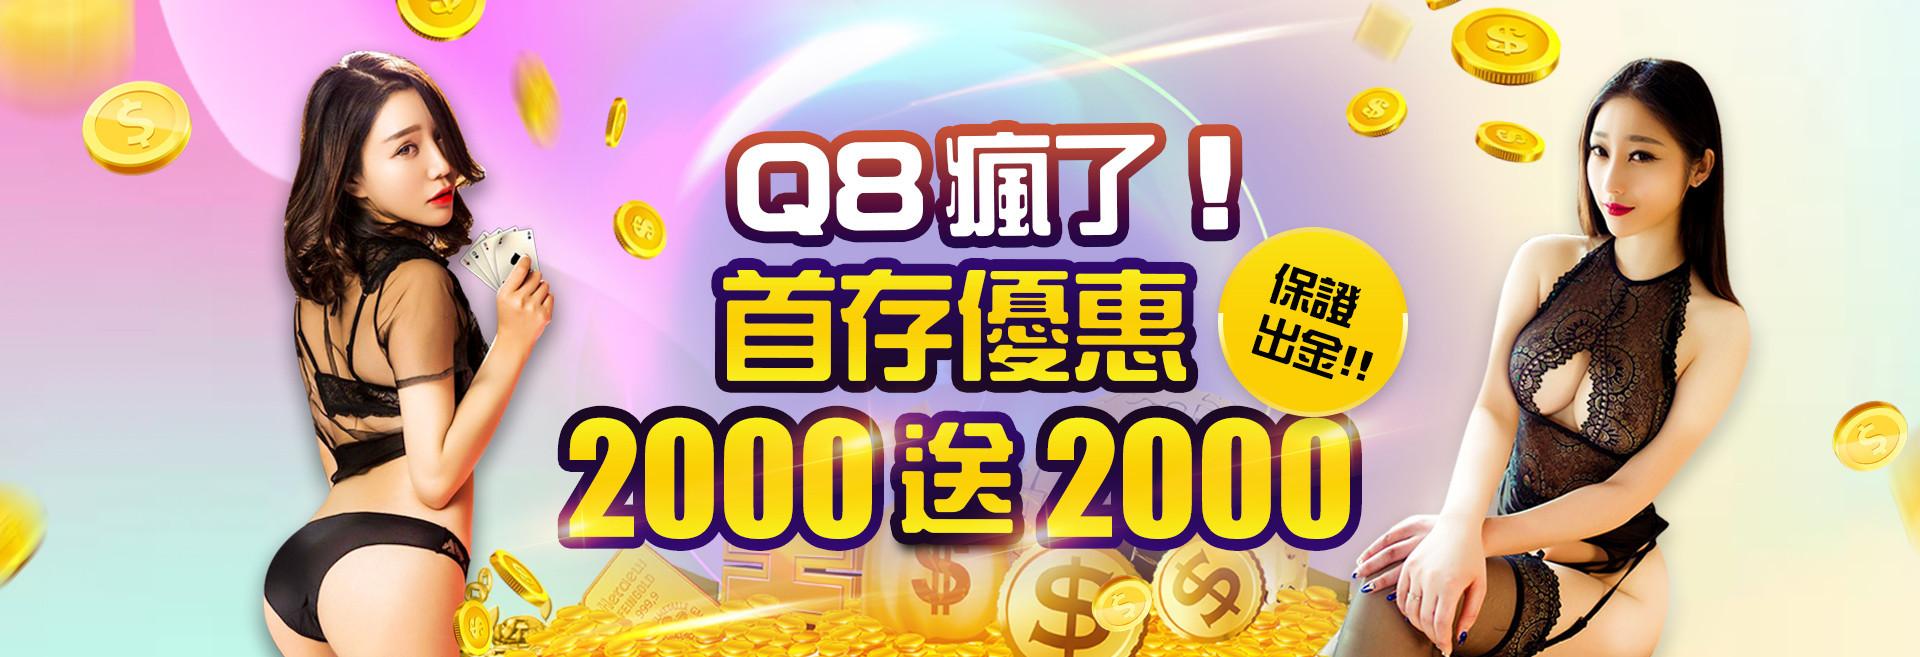 Q8瘋了!首存優惠2,000送2,000最高送2,000首儲金!